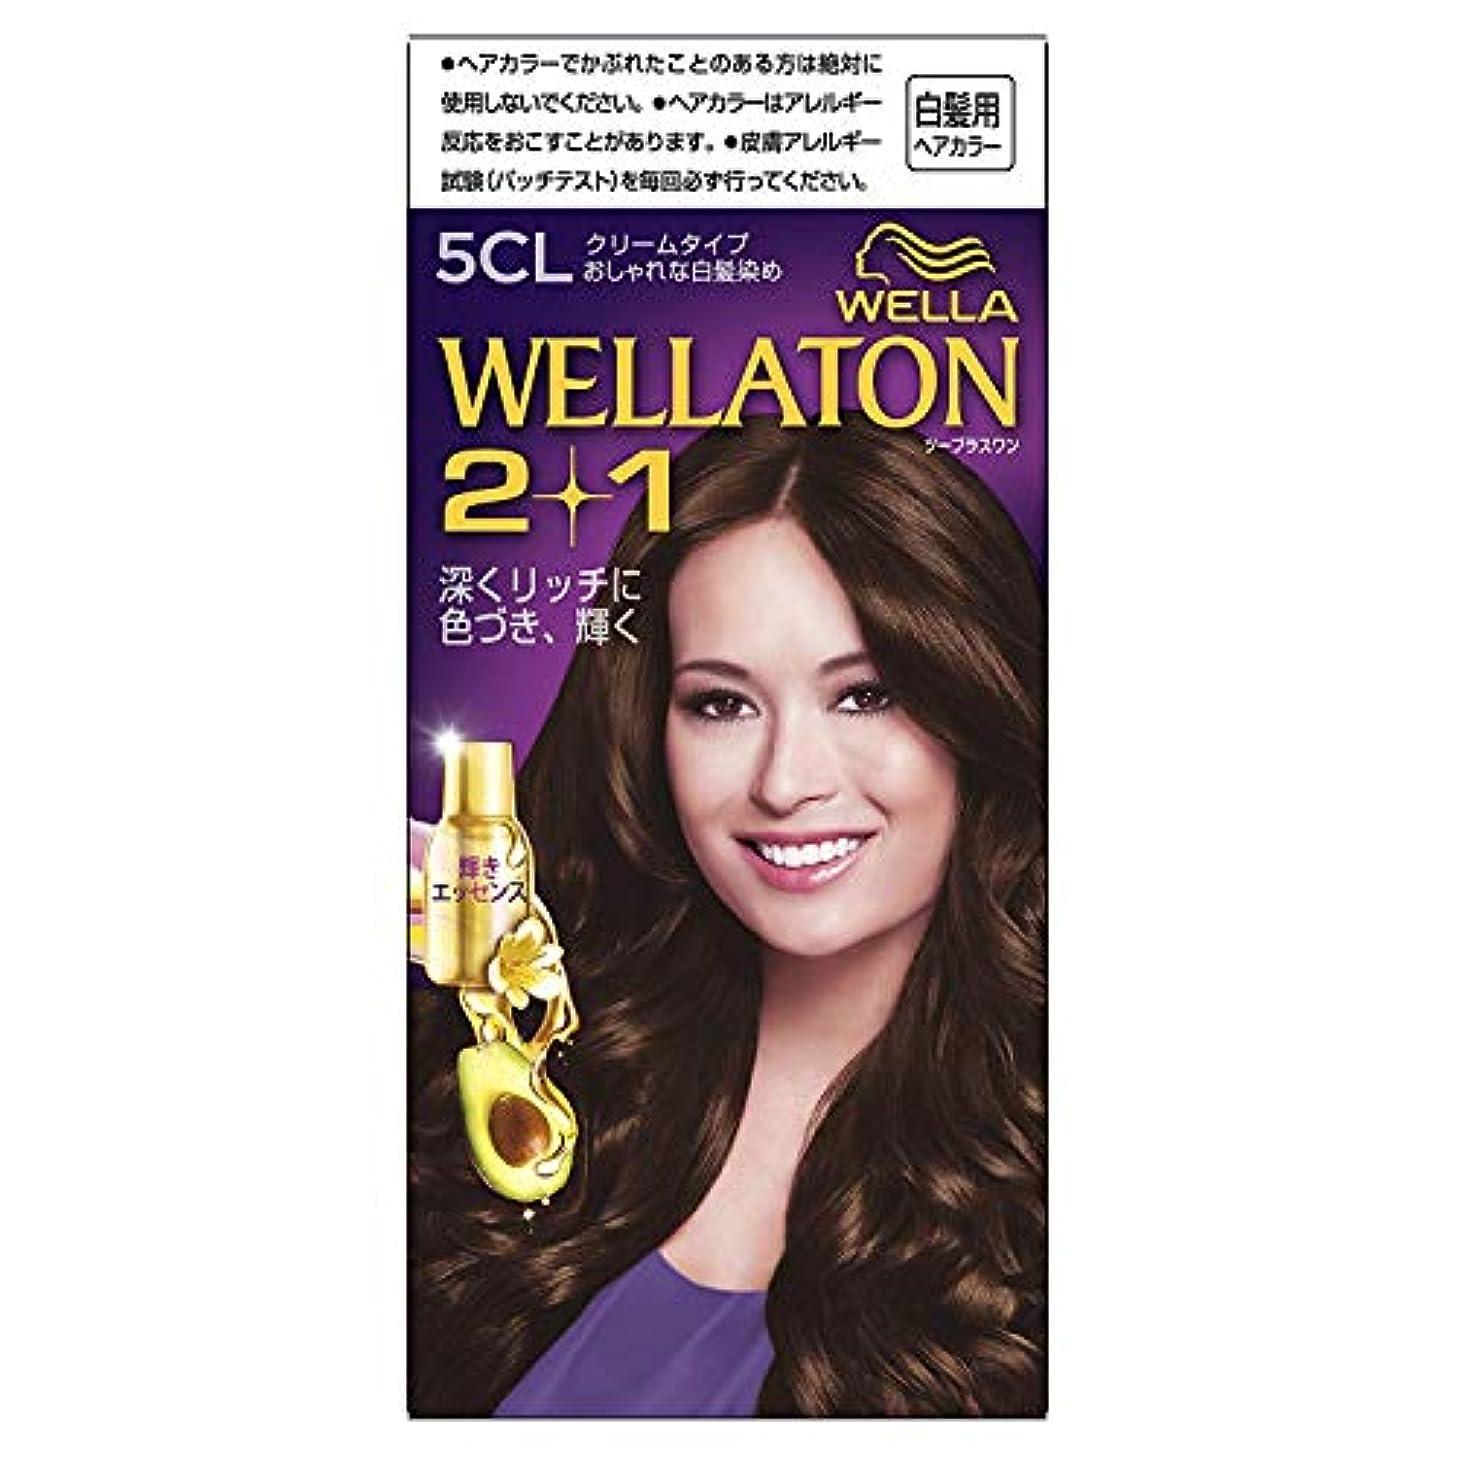 ウエラトーン2+1 クリームタイプ 5CL [医薬部外品] ×6個